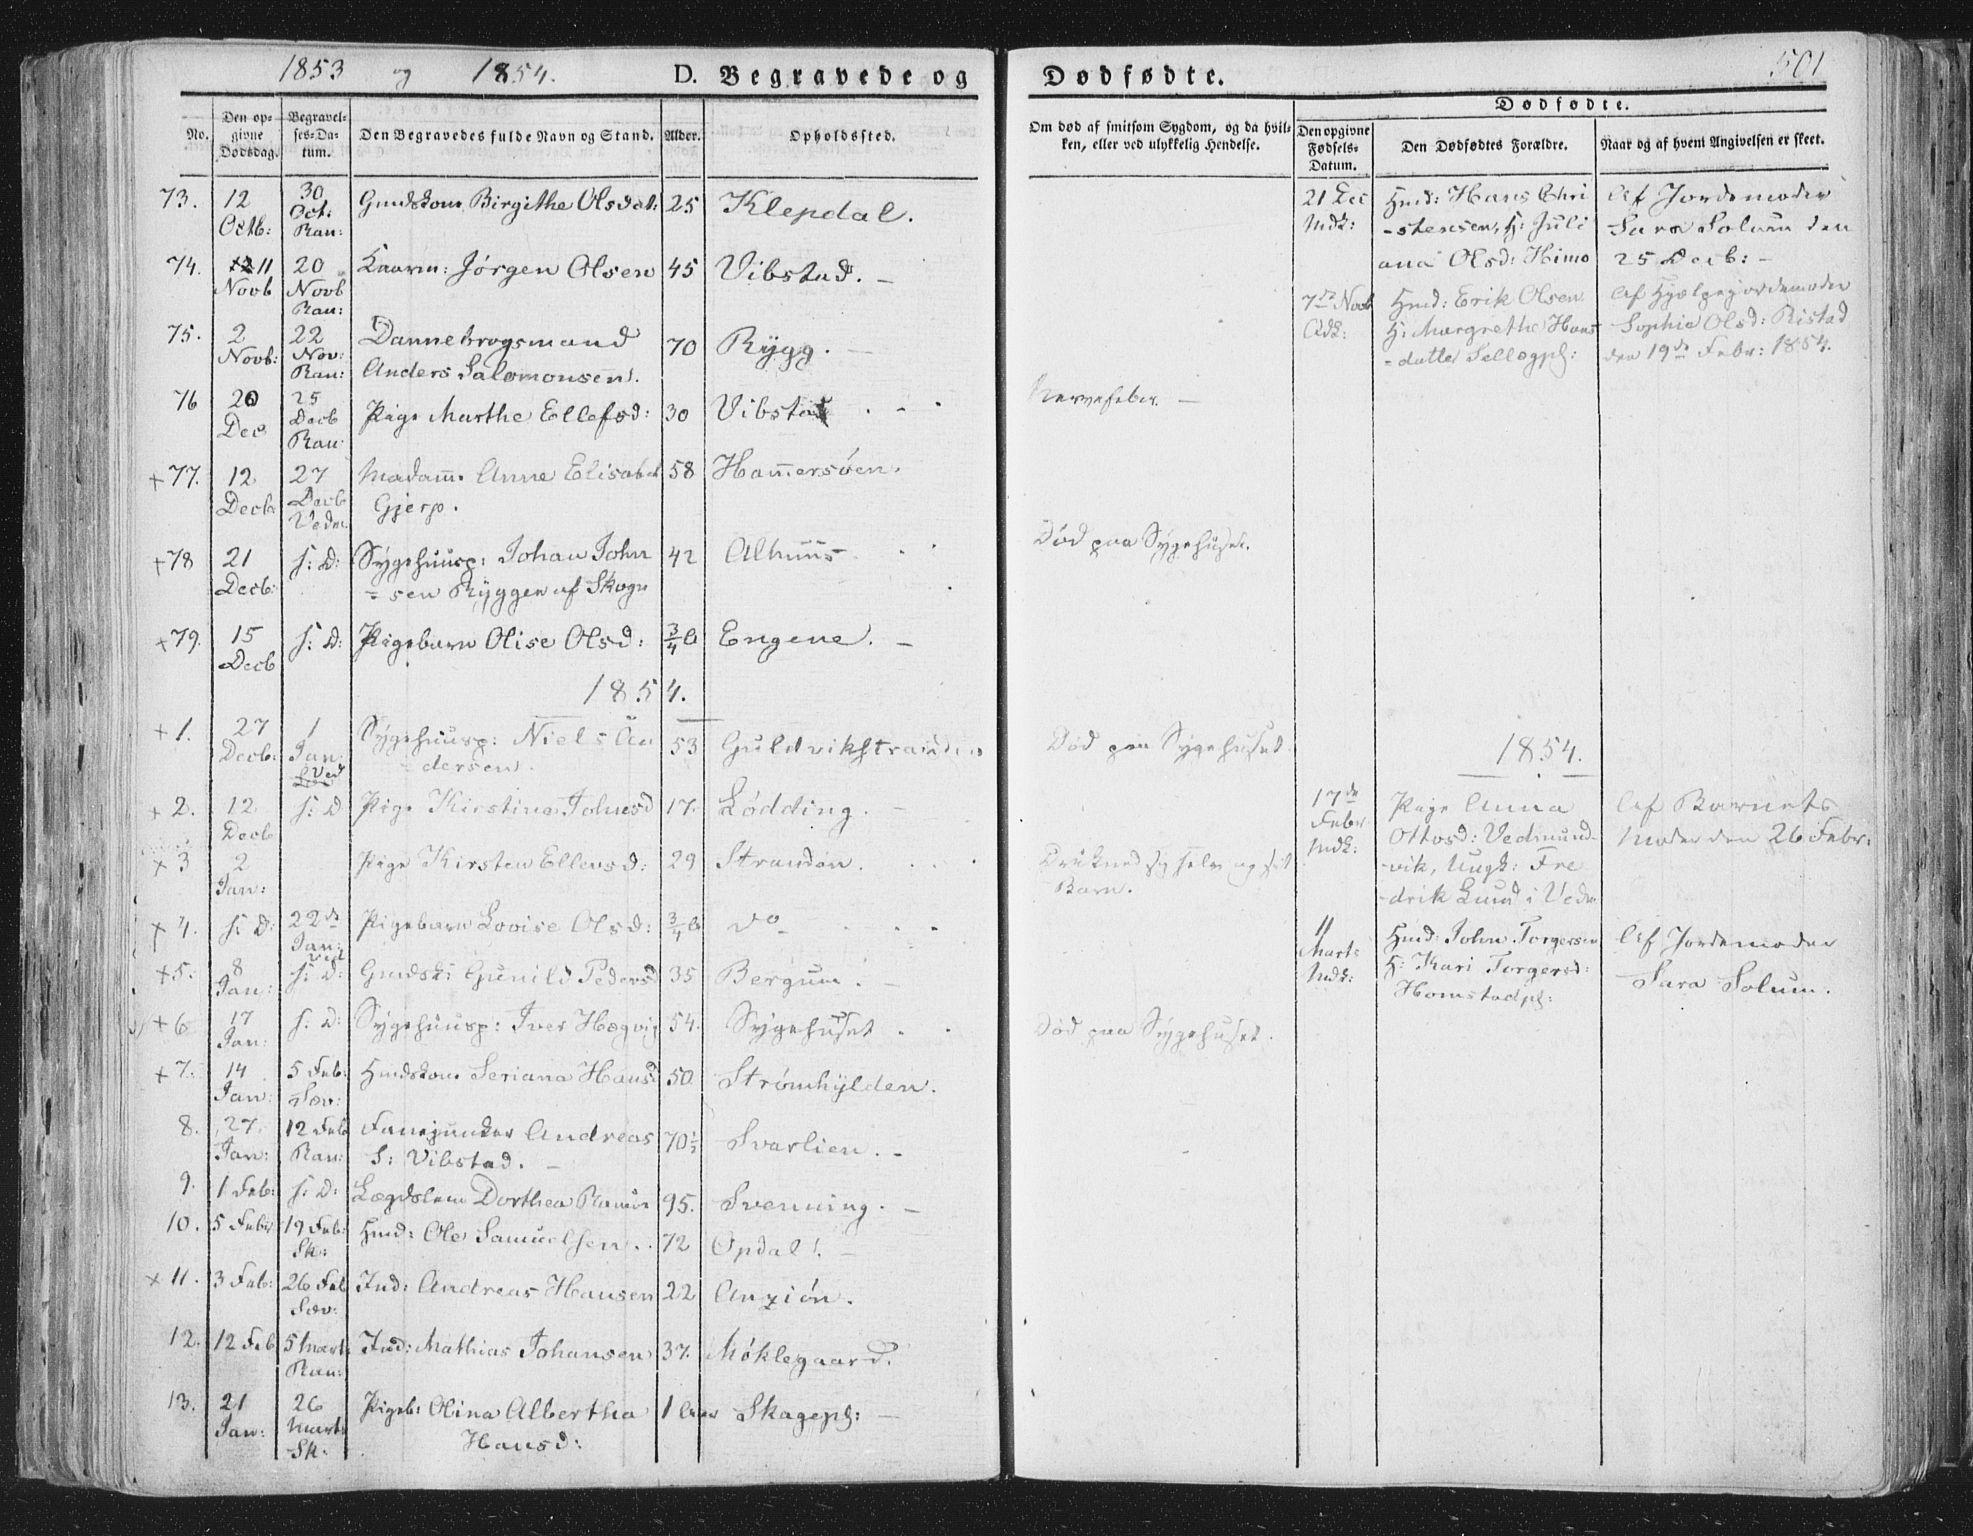 SAT, Ministerialprotokoller, klokkerbøker og fødselsregistre - Nord-Trøndelag, 764/L0552: Ministerialbok nr. 764A07b, 1824-1865, s. 501